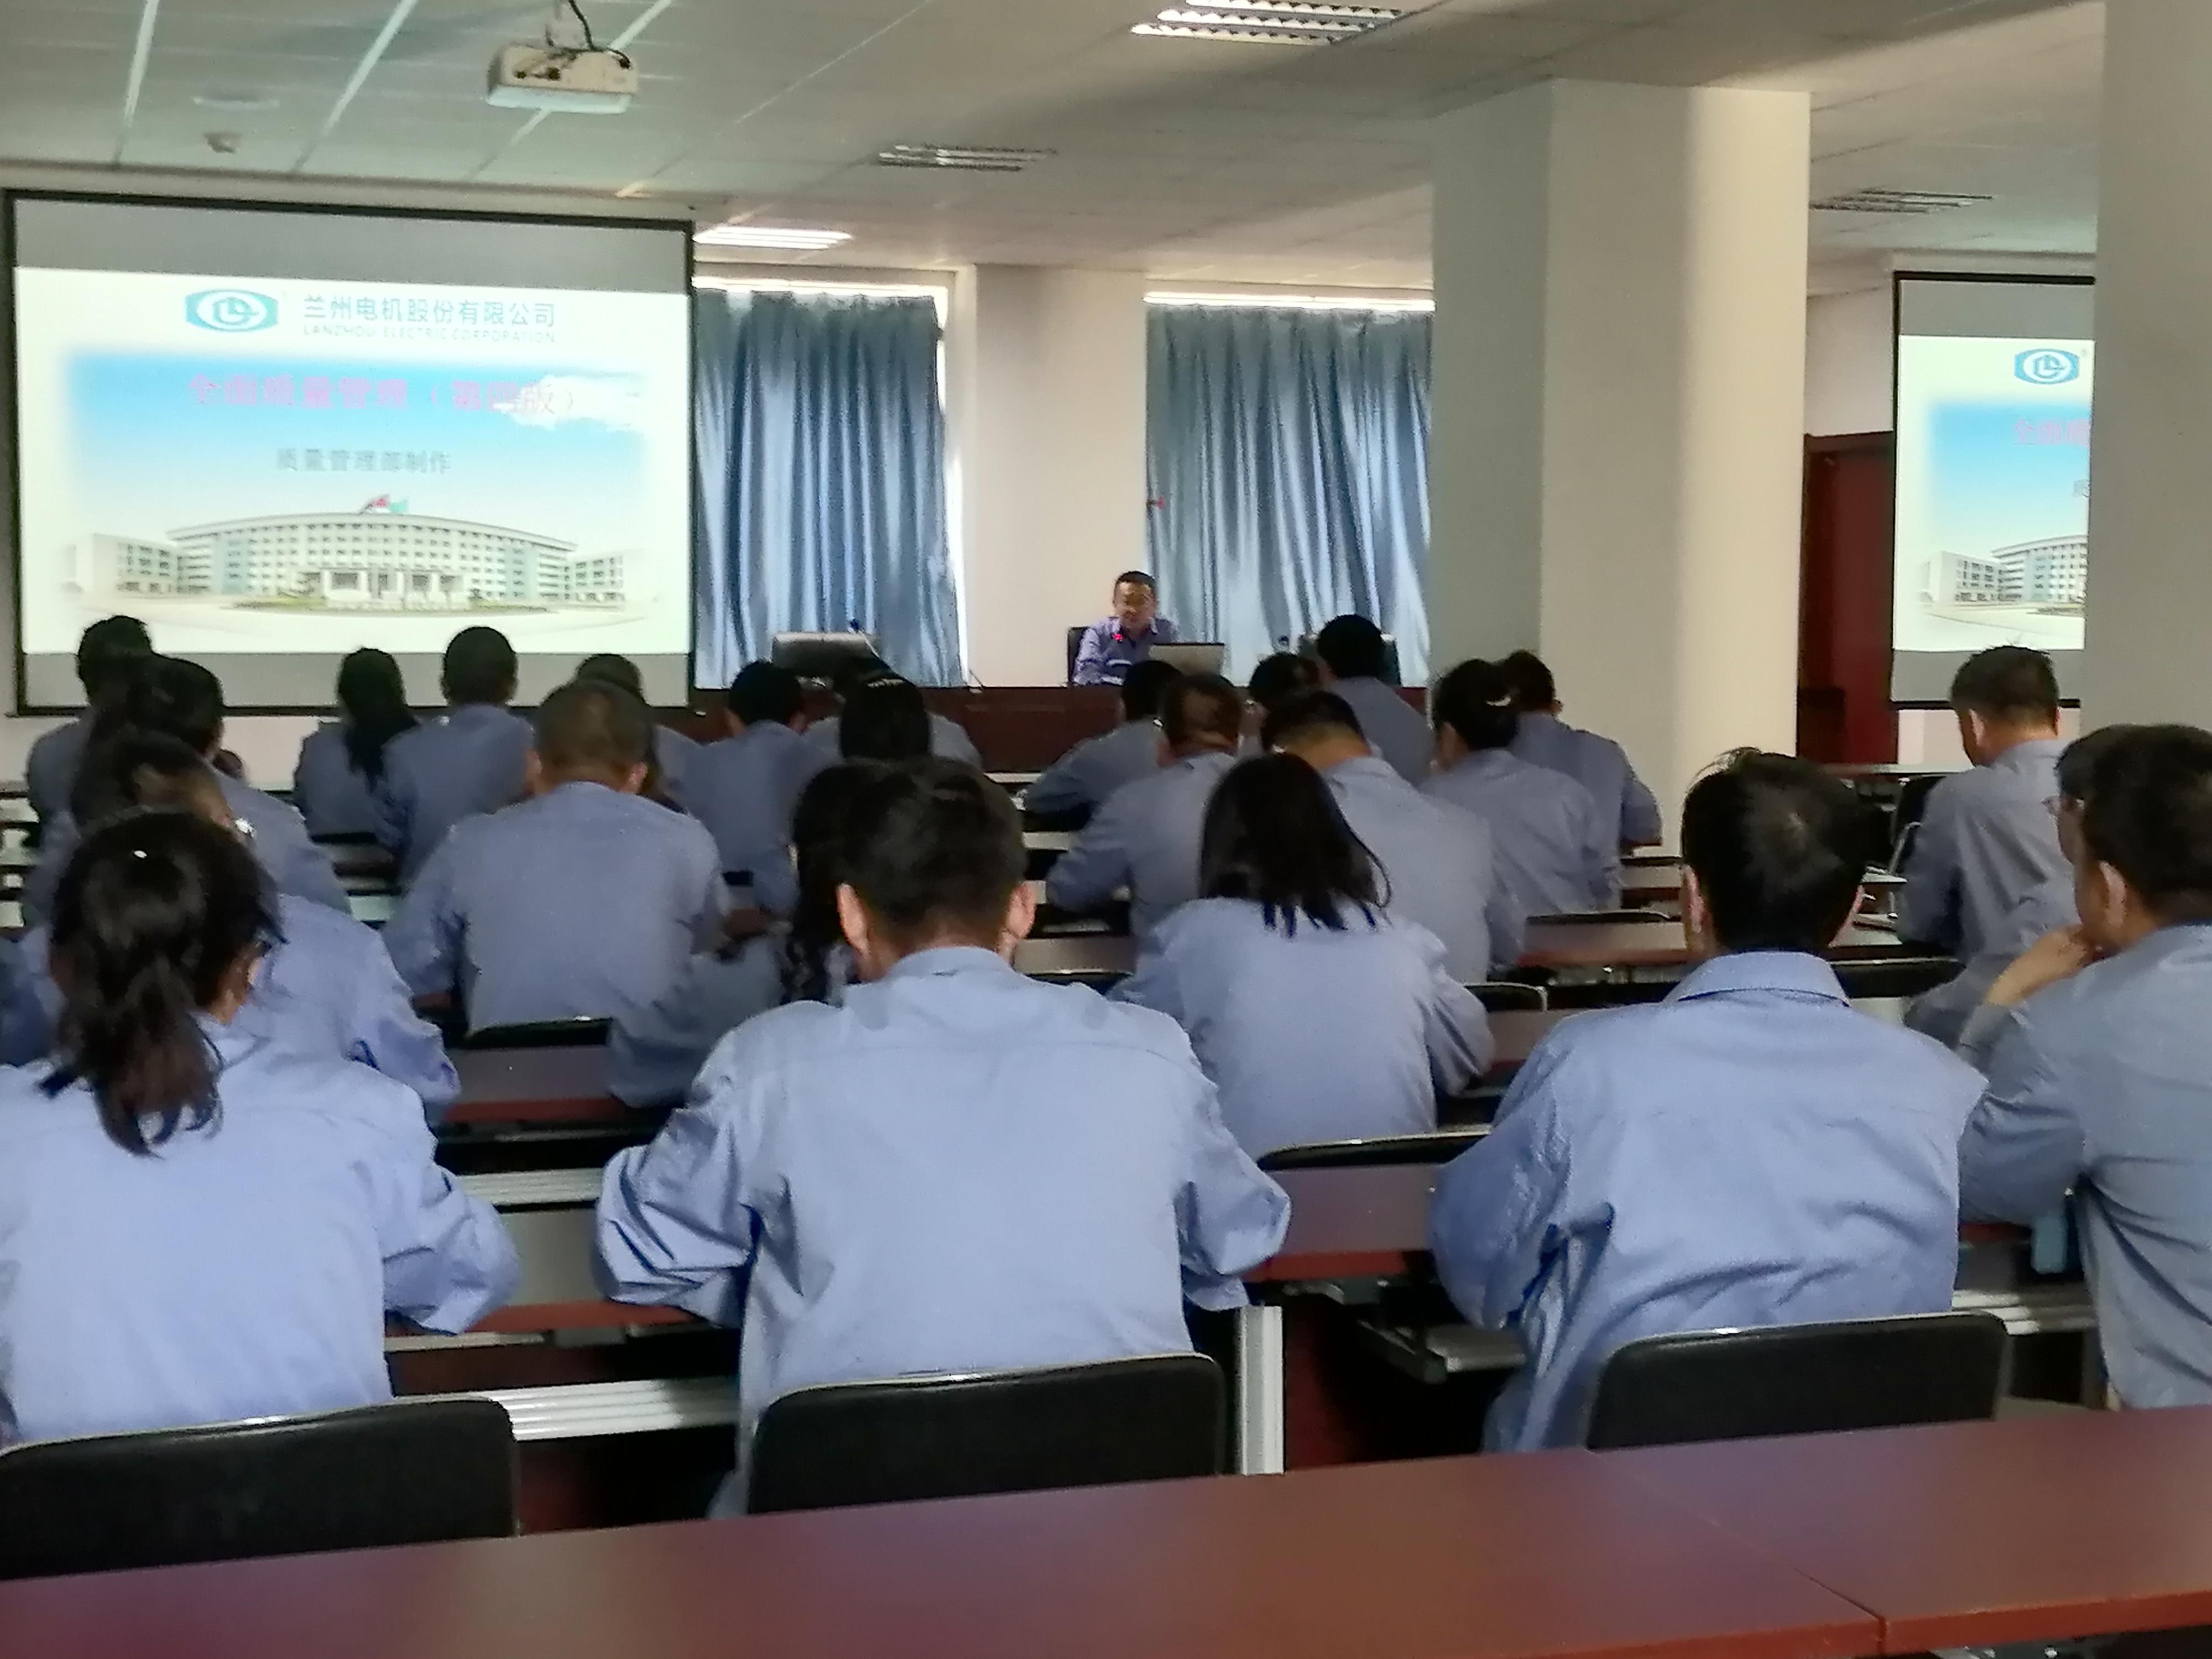 公司开展质量管理体系专题培训